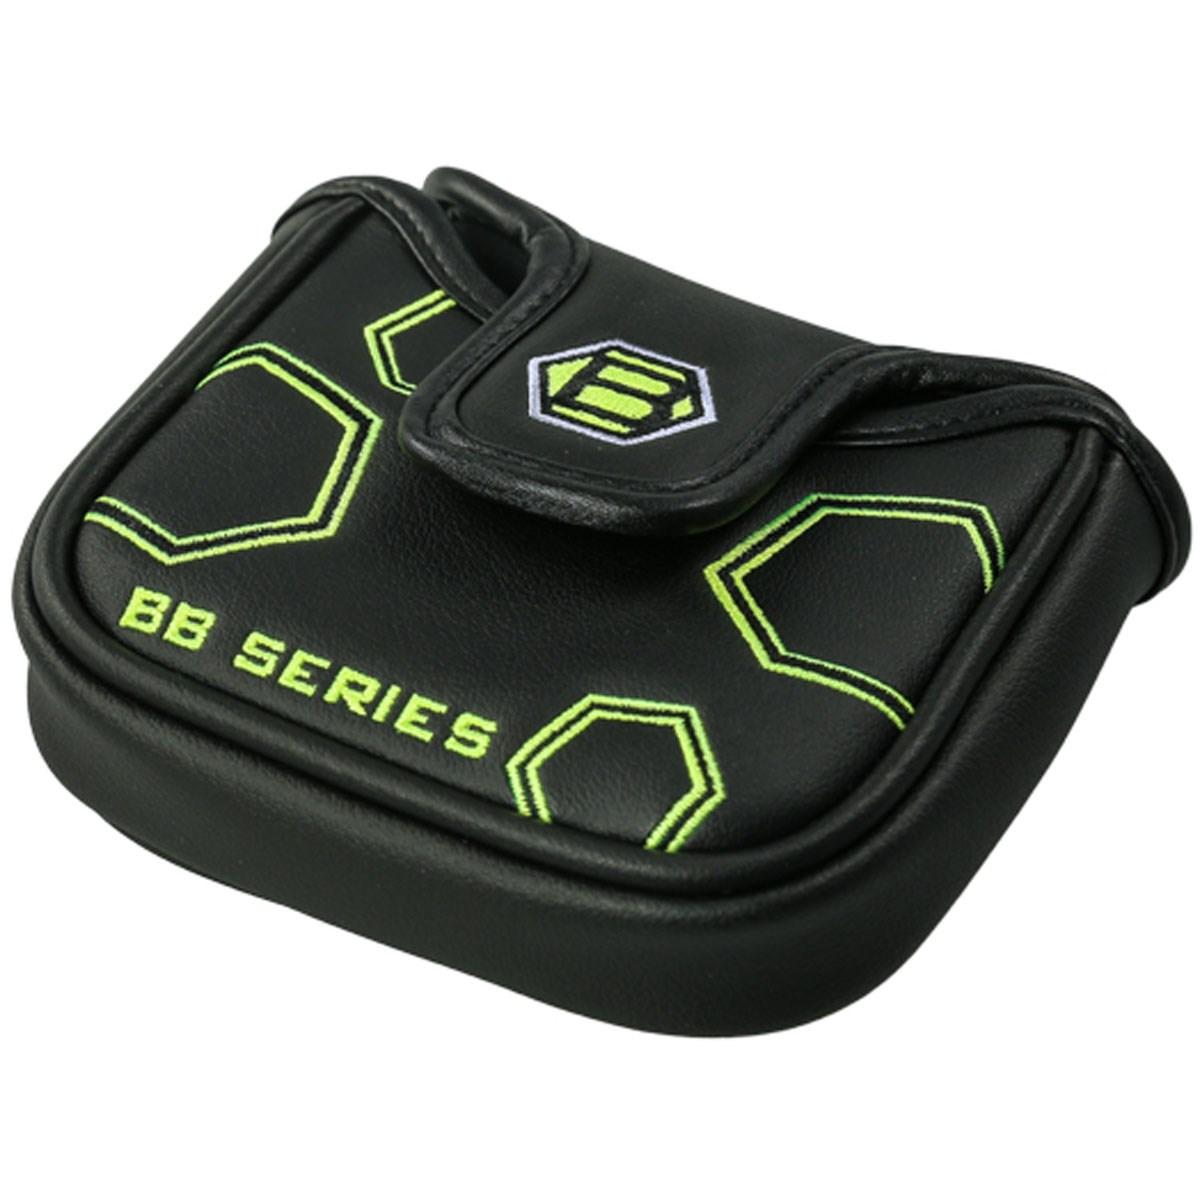 [2018年モデル] ベティナルディ BETTINARDI US BB56 パターカバー ブラック メンズ ゴルフ